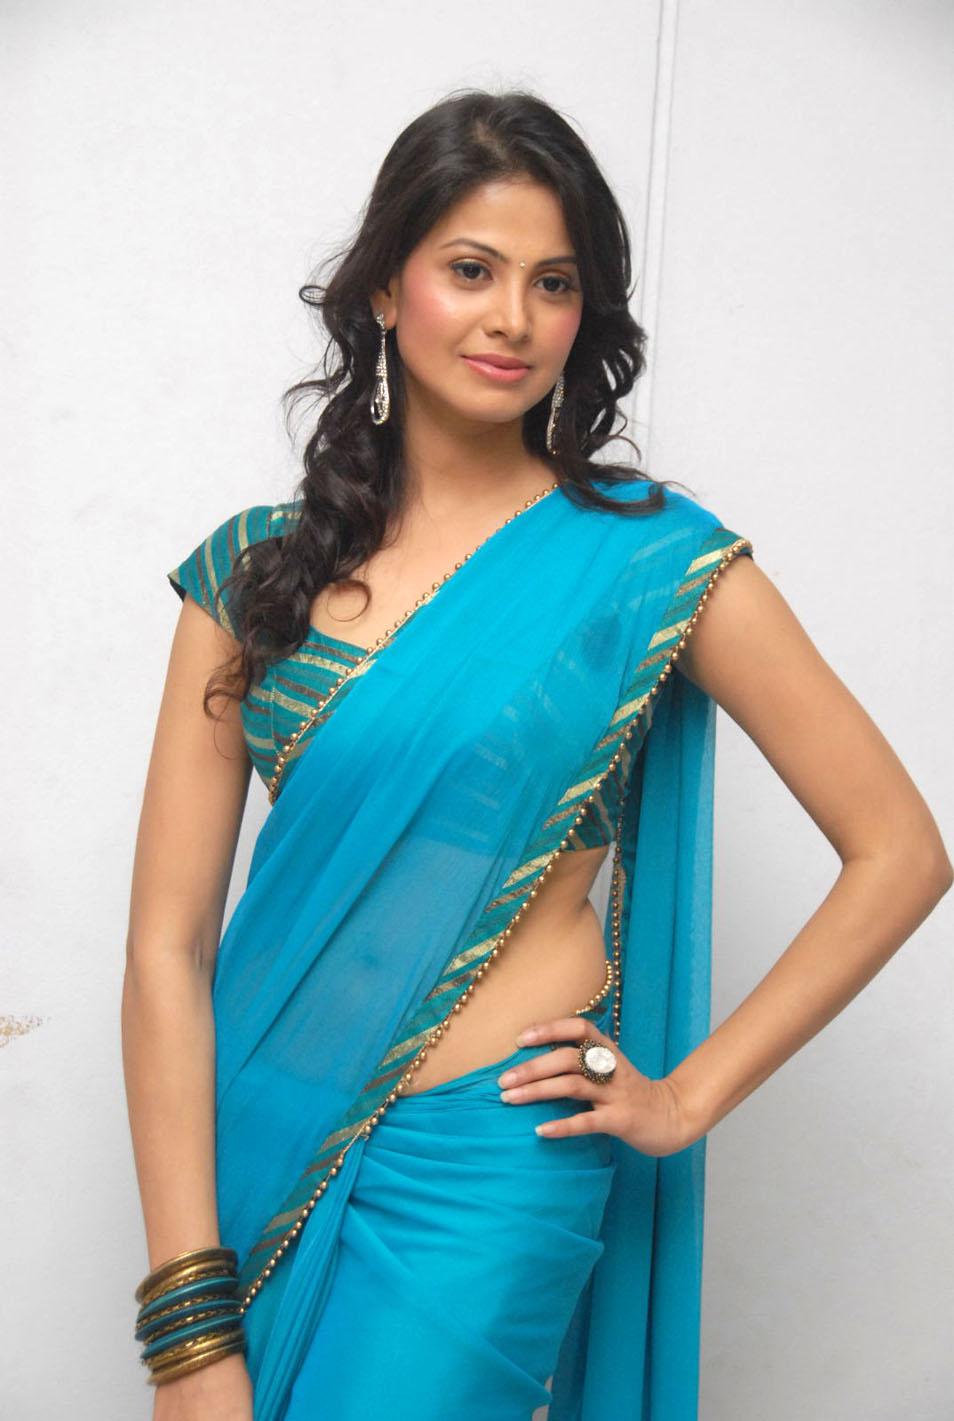 hot saree pics of telugu actress